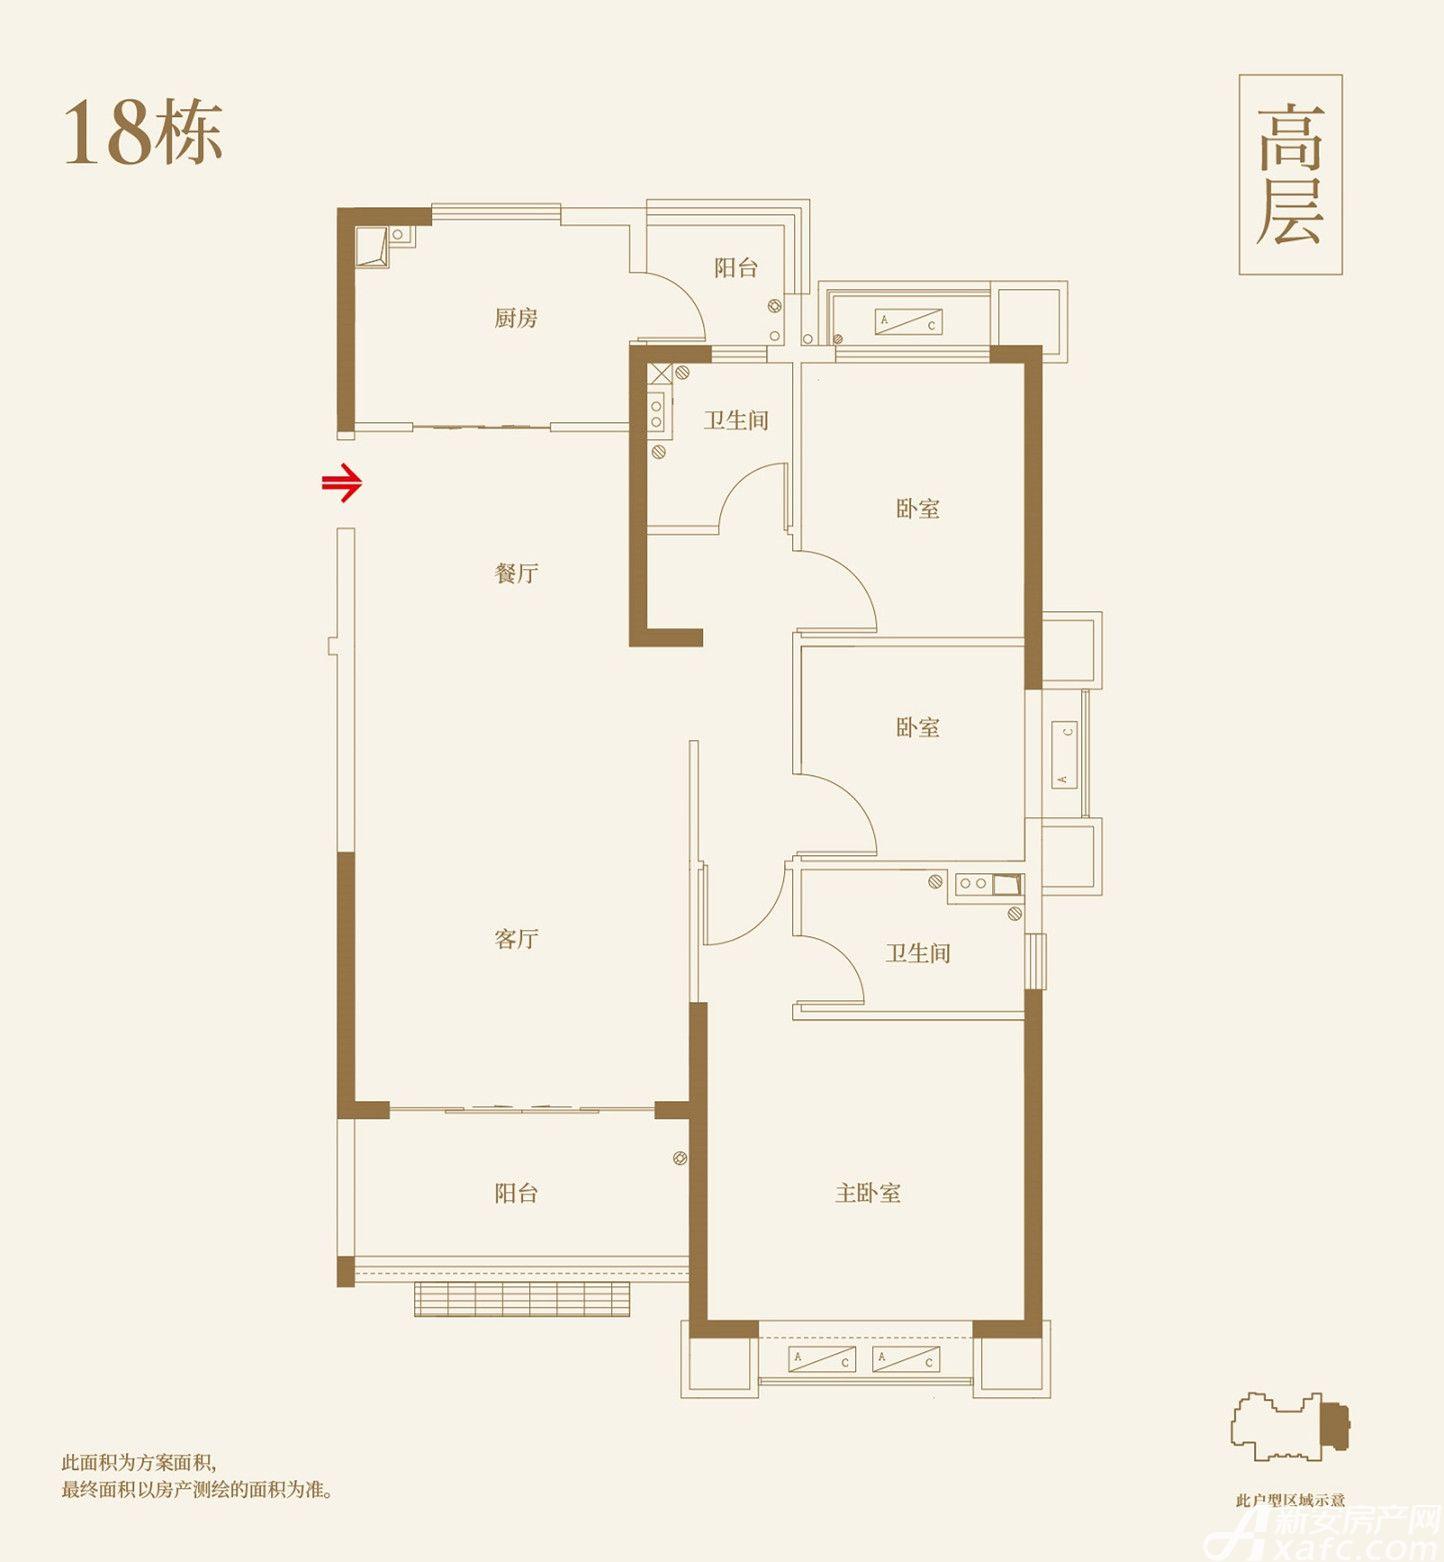 恒大御府18#A3室2厅119.59平米